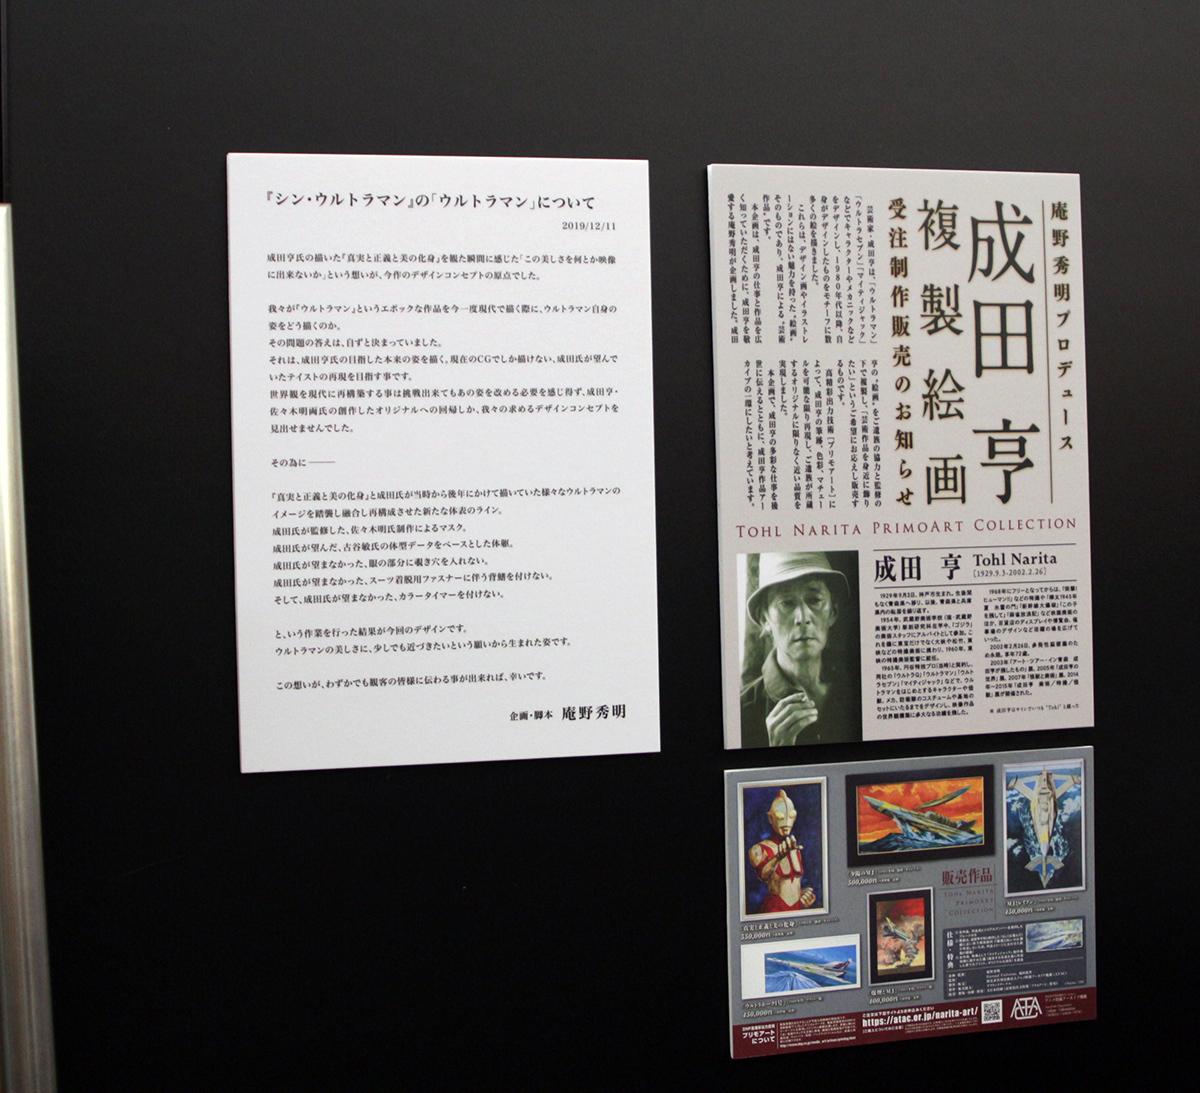 成田亨氏の複製絵画説明 写真:ウメダカツジ